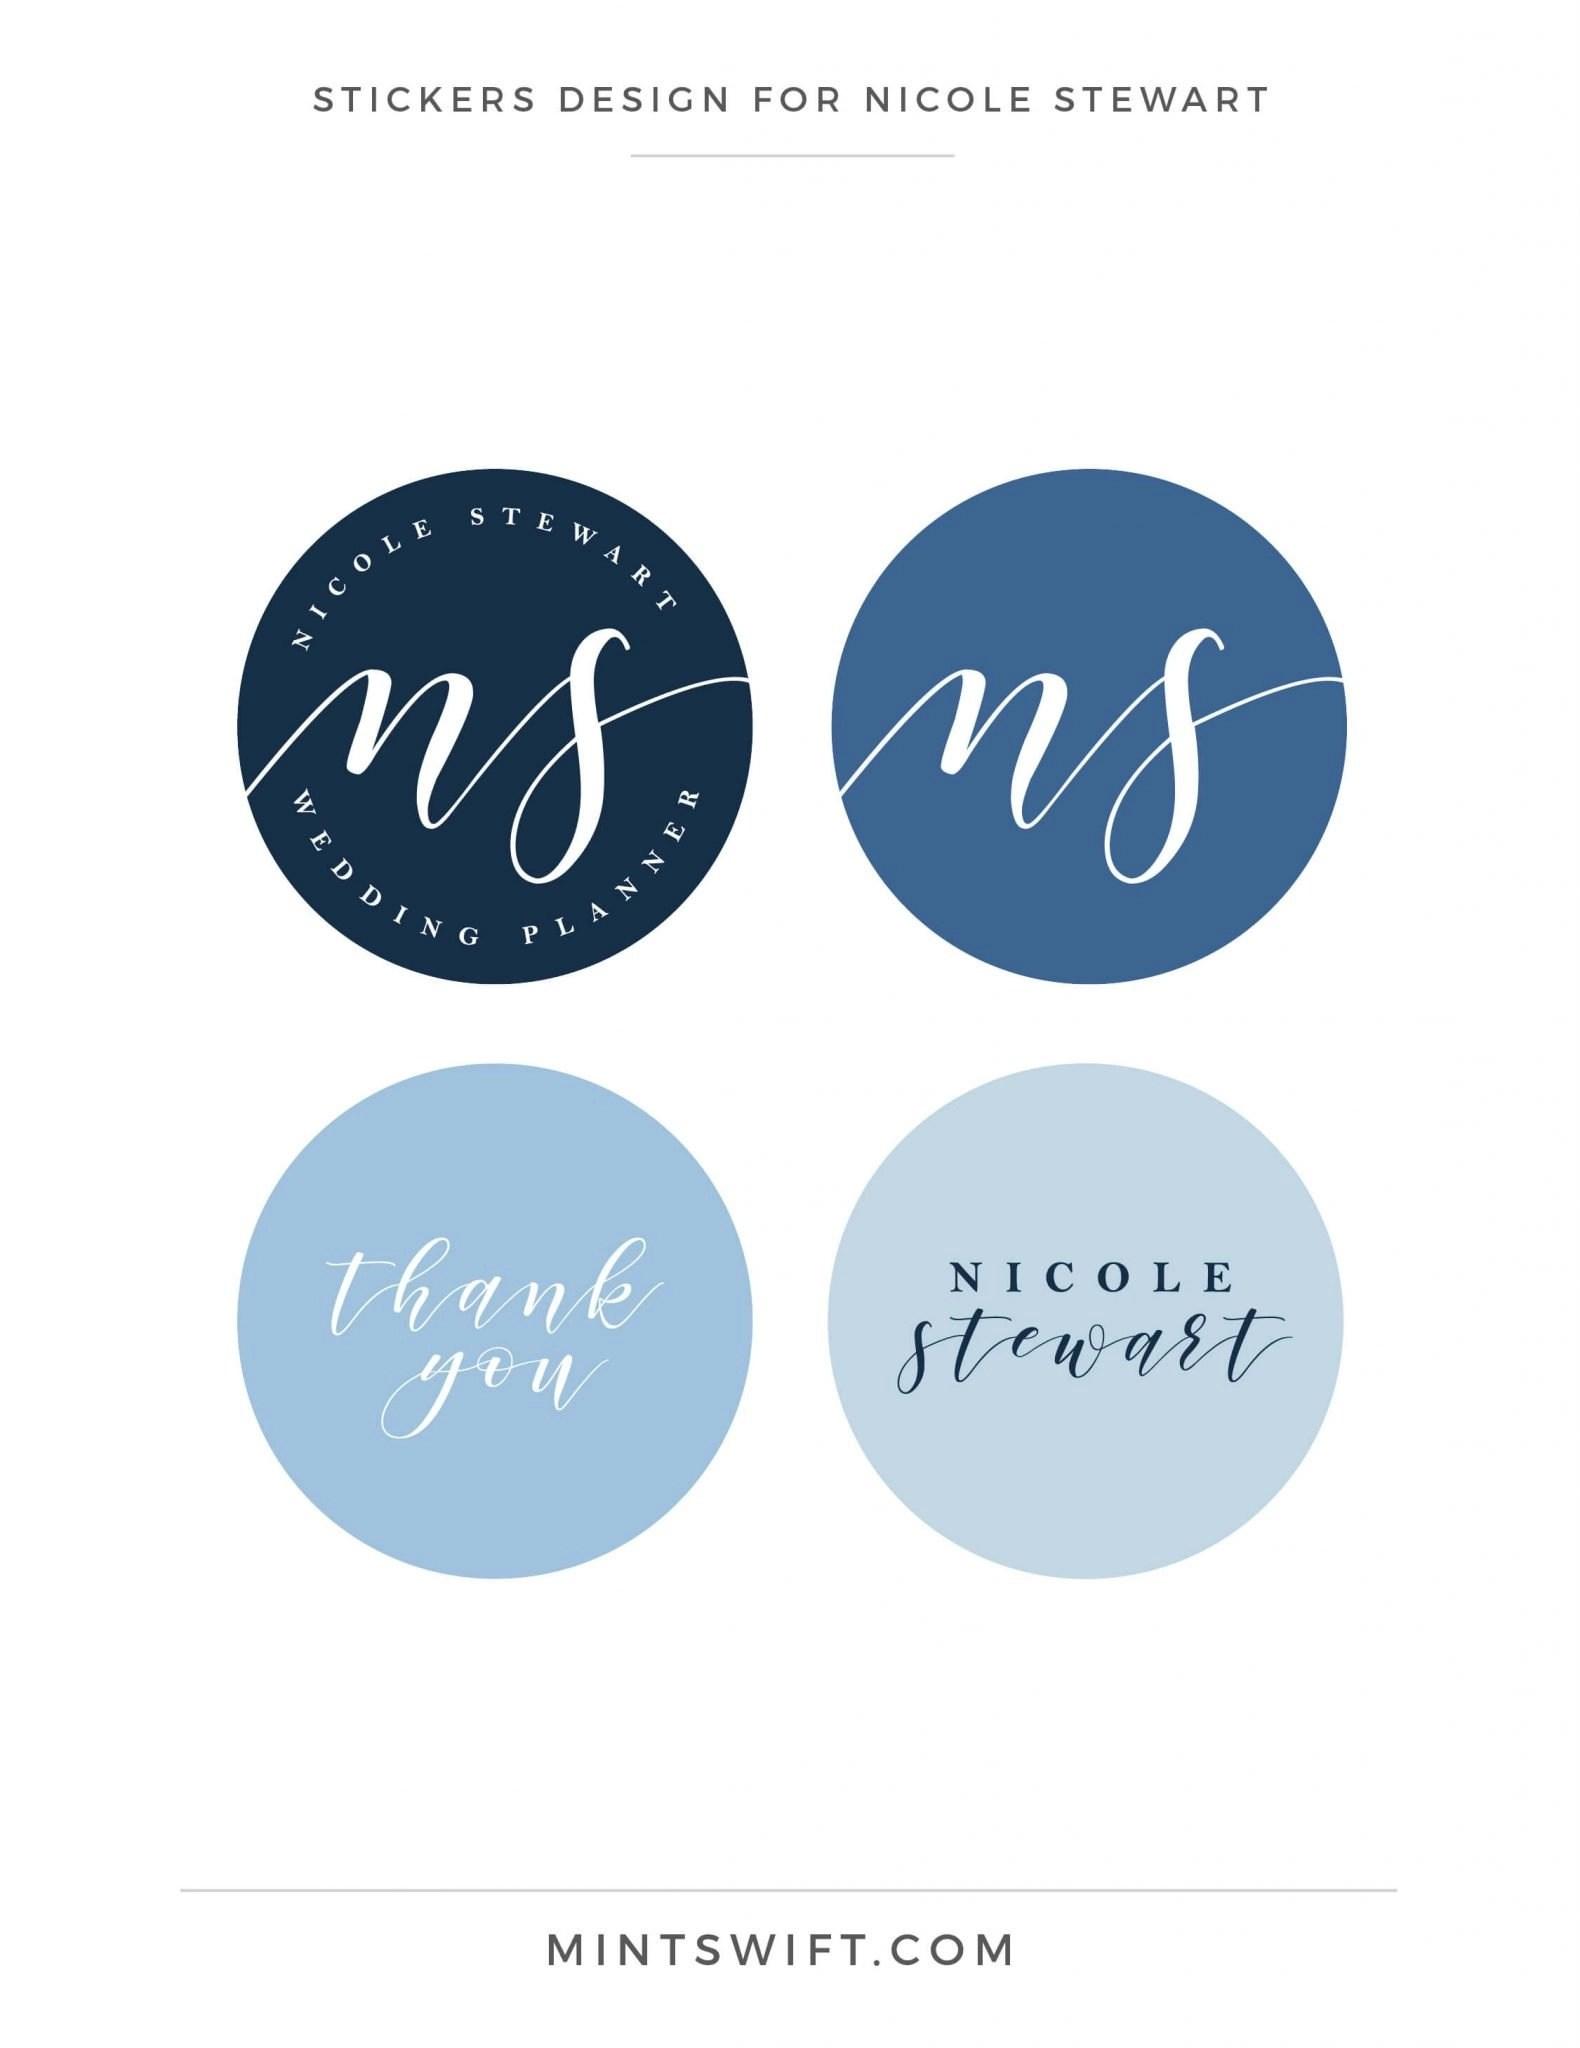 Nicole Stewart - Stickers Design - Brand Design Package - MintSwift